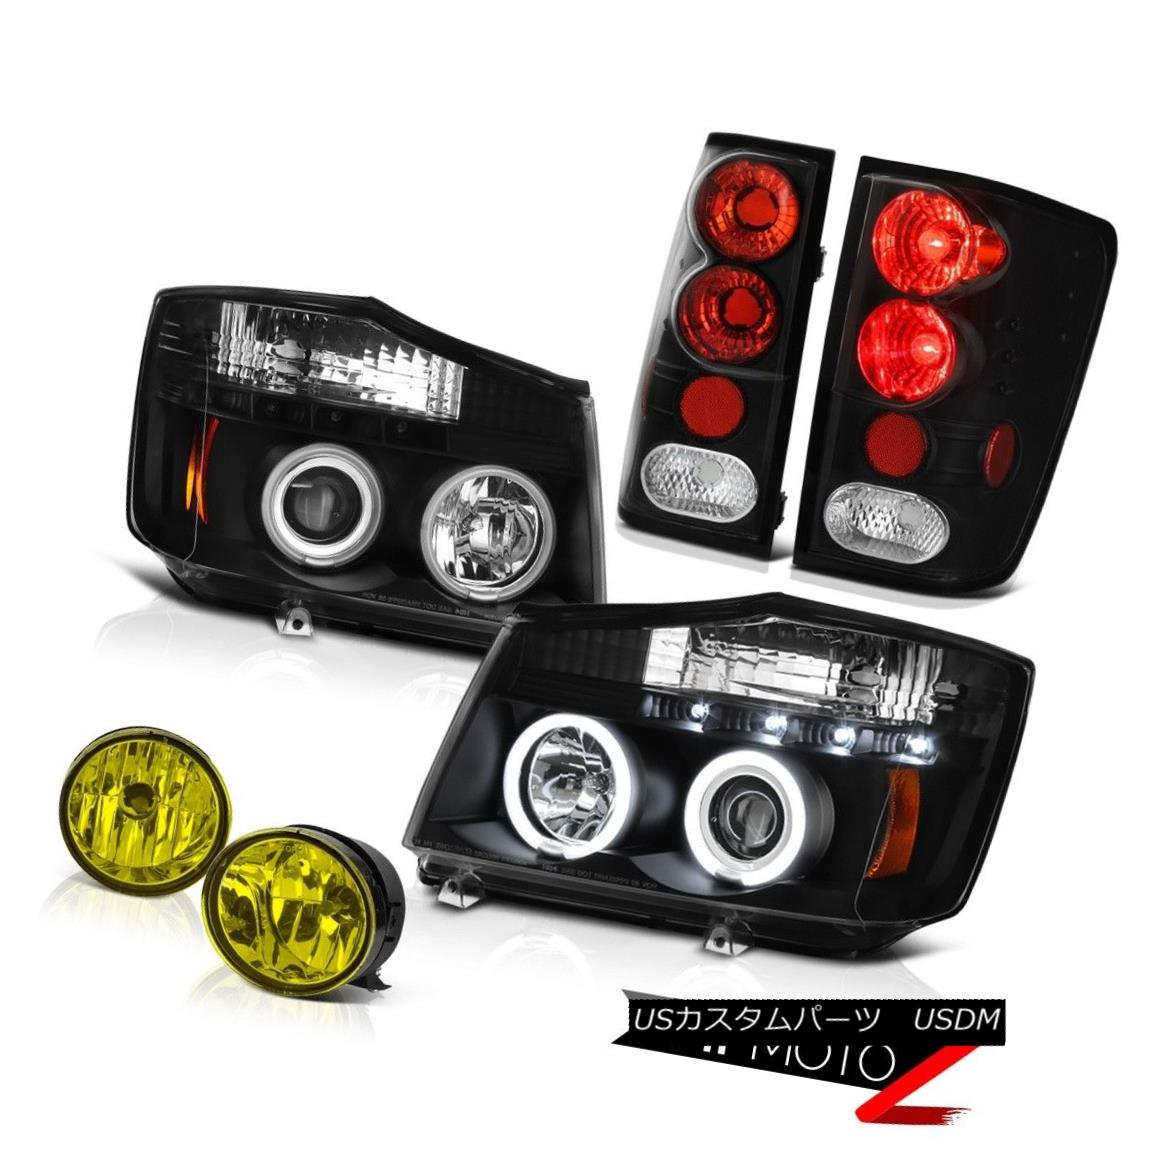 テールライト For 04-15 Titan SL BRIGHTEST CCFL Halo Headlight Tail Brake Lights Bumper Fog 04?15タイタンSL BRIGHTEST CCFLハローヘッドライトテールブレーキライトバンパーフォグ